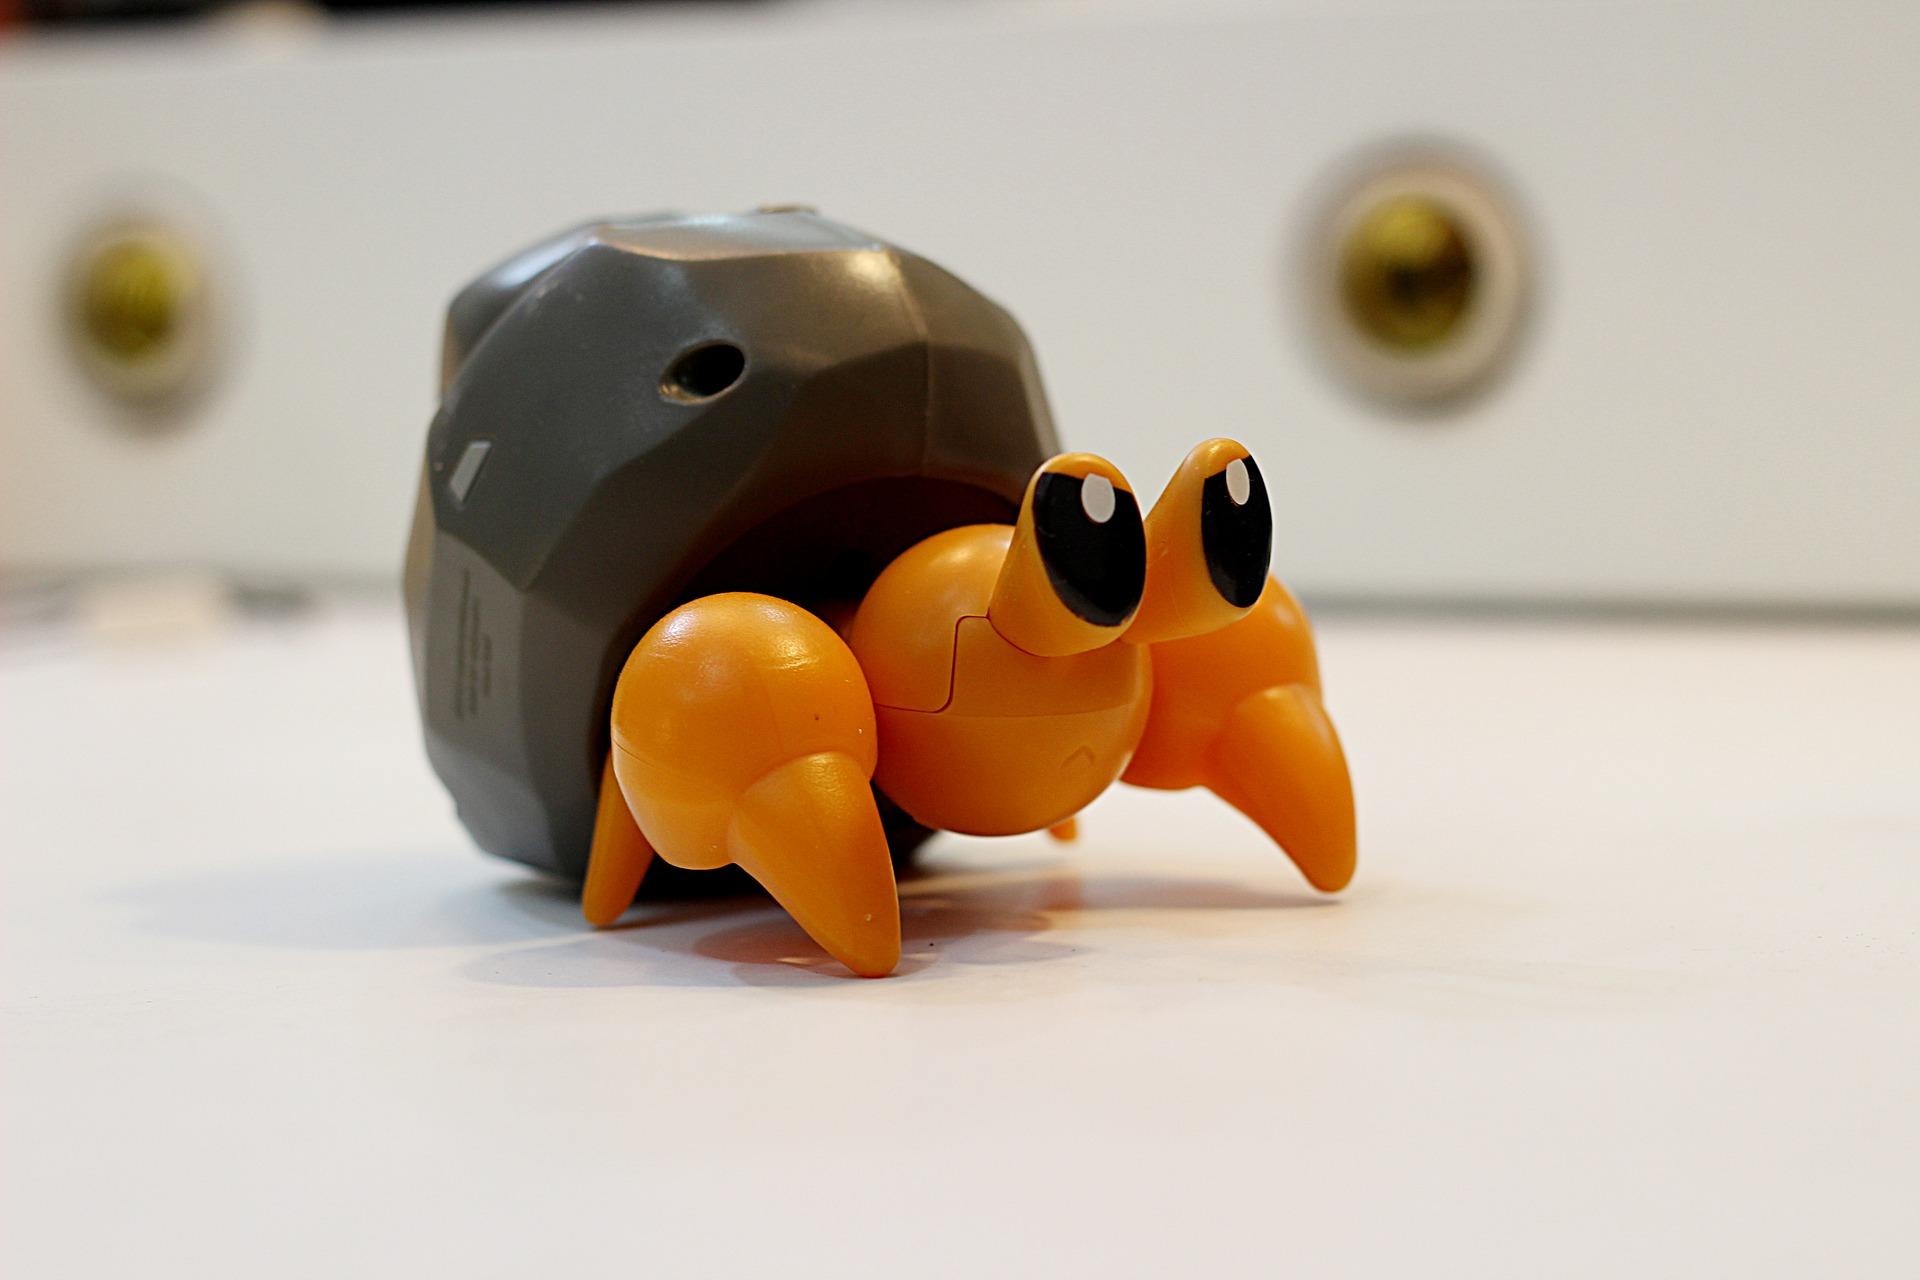 dwebble, 宠物小精灵, 图纸, 玩具, 宠物小精灵去 - 高清壁纸 - 教授-falken.com